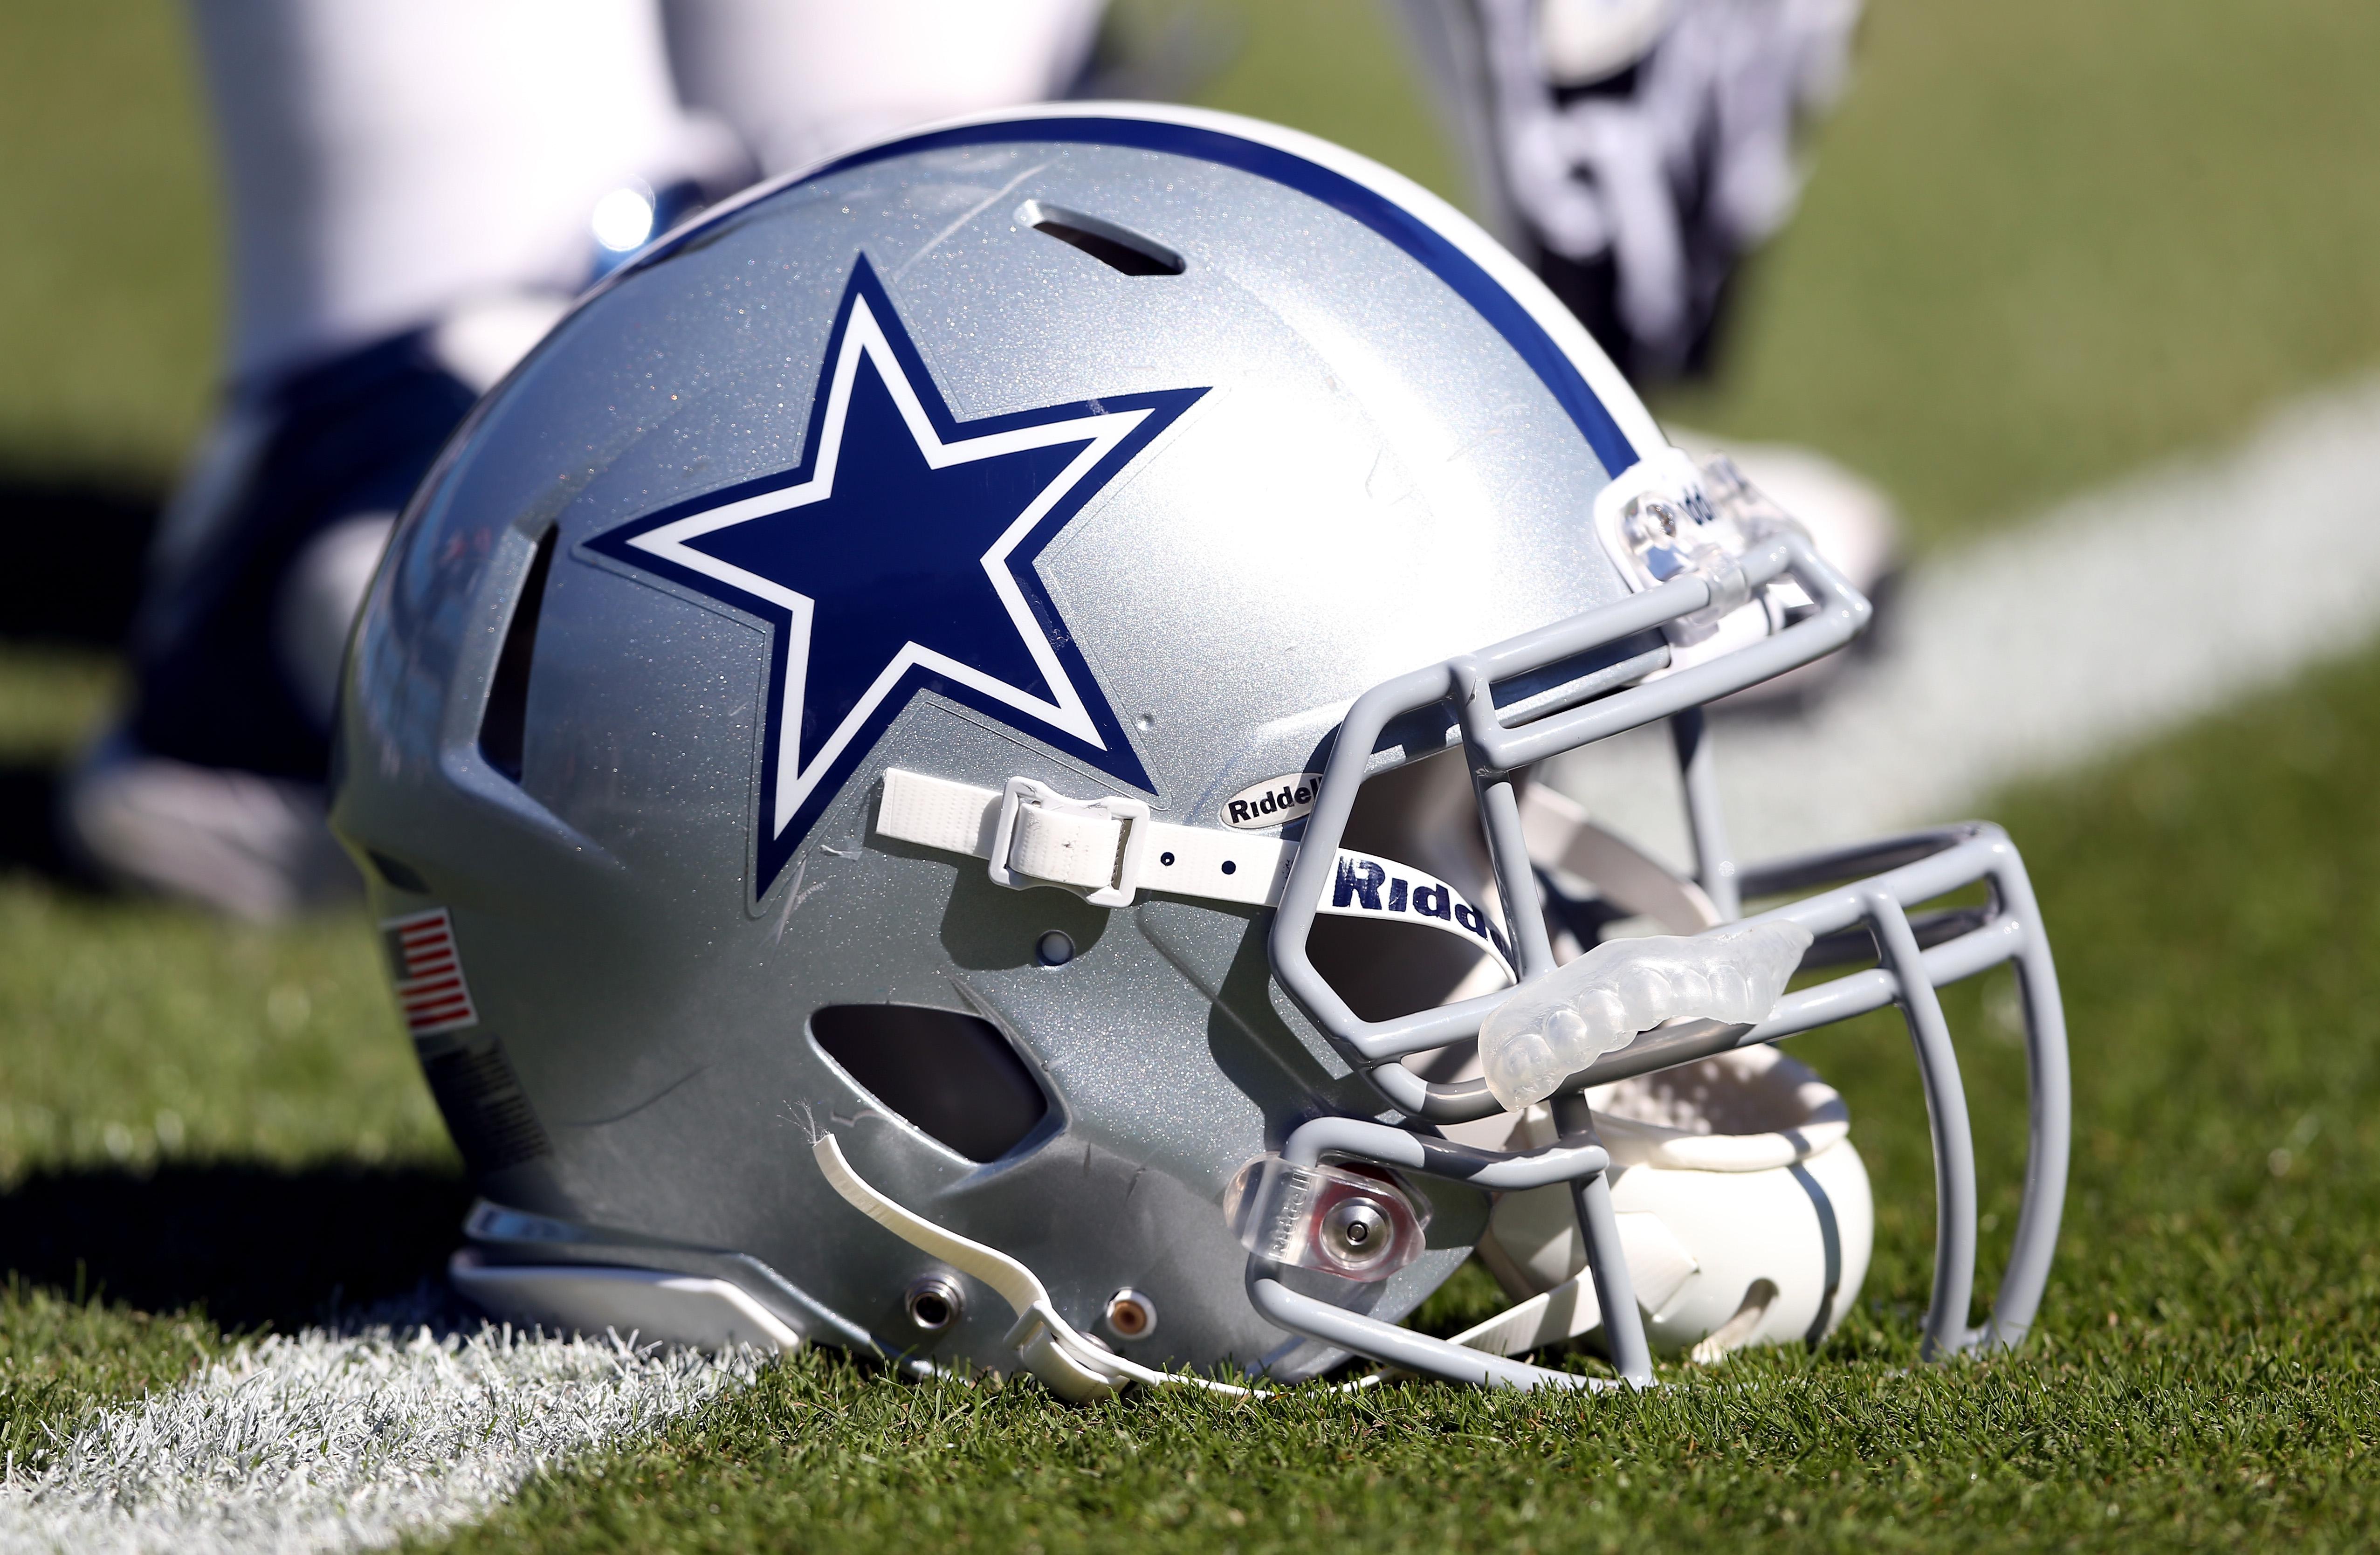 Cowboys Blog - Hegawha? Hegamin! #69 Belongs To George Hegamin. 2